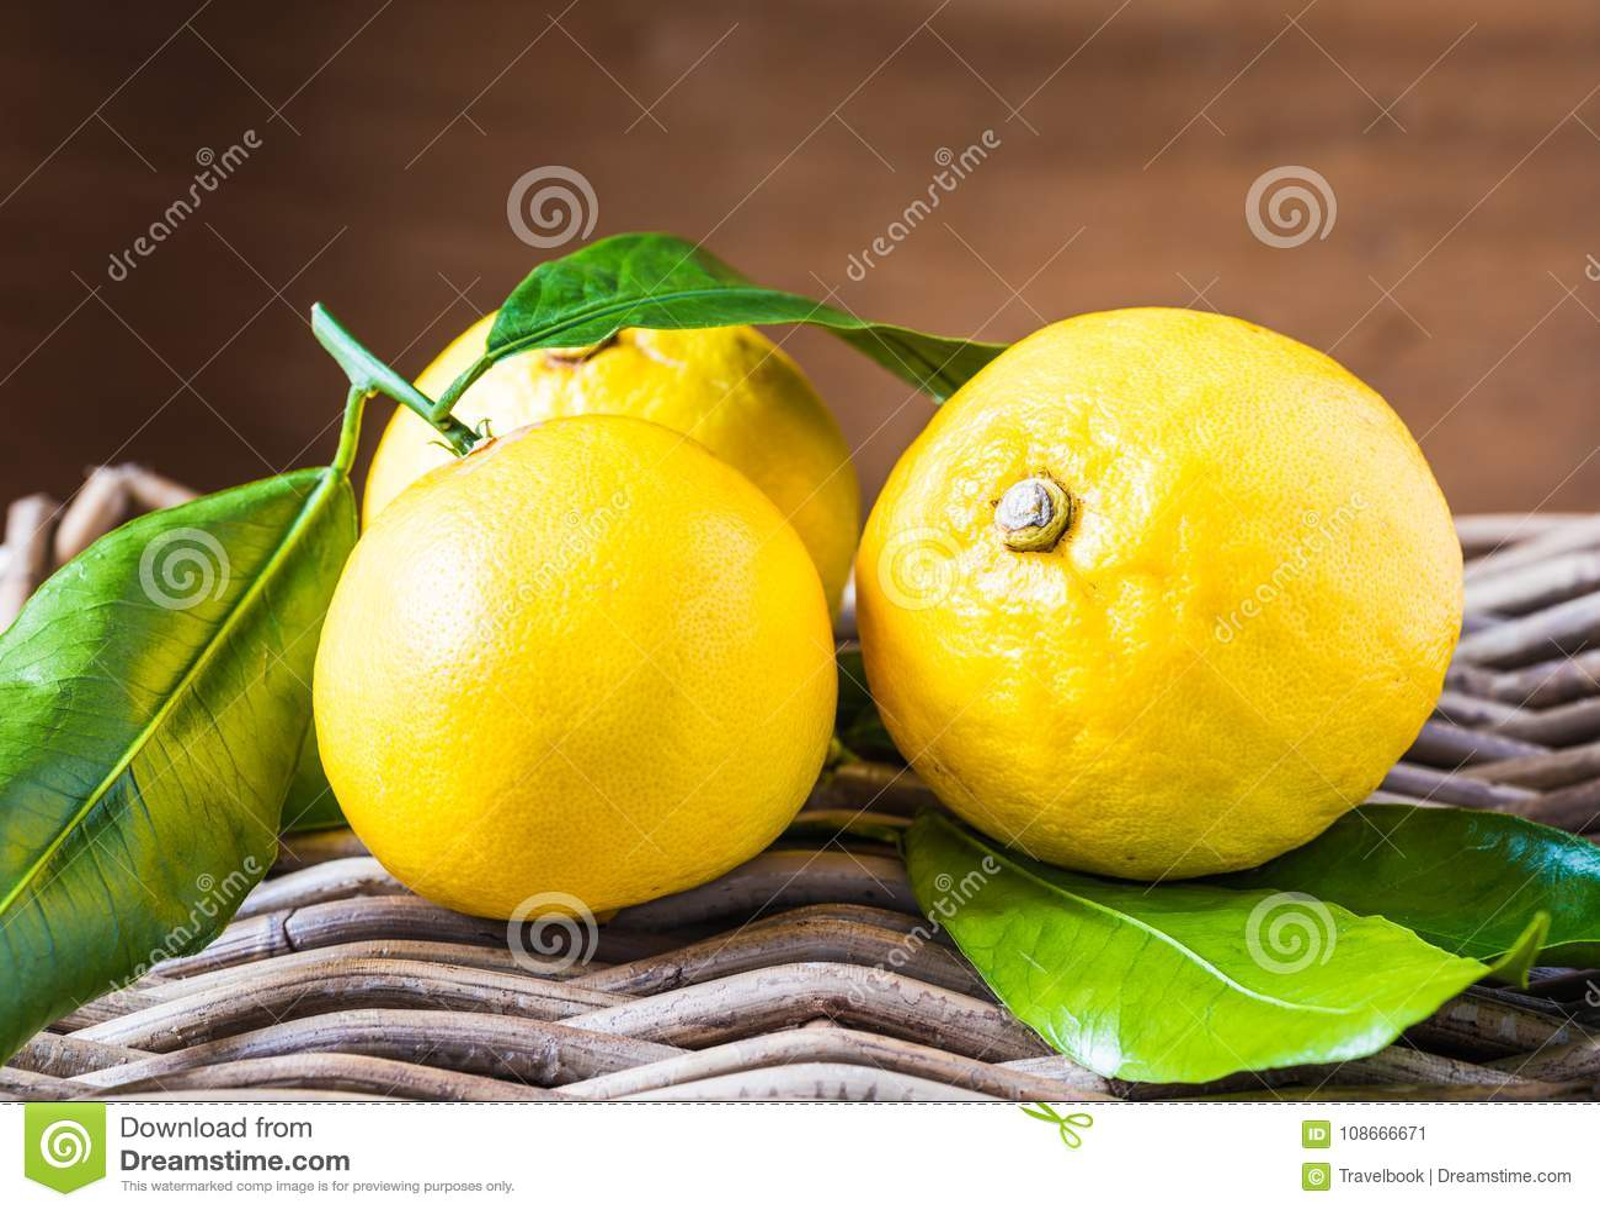 Bergamotcitrusfrukt från södra Italien, Reggio Calabria